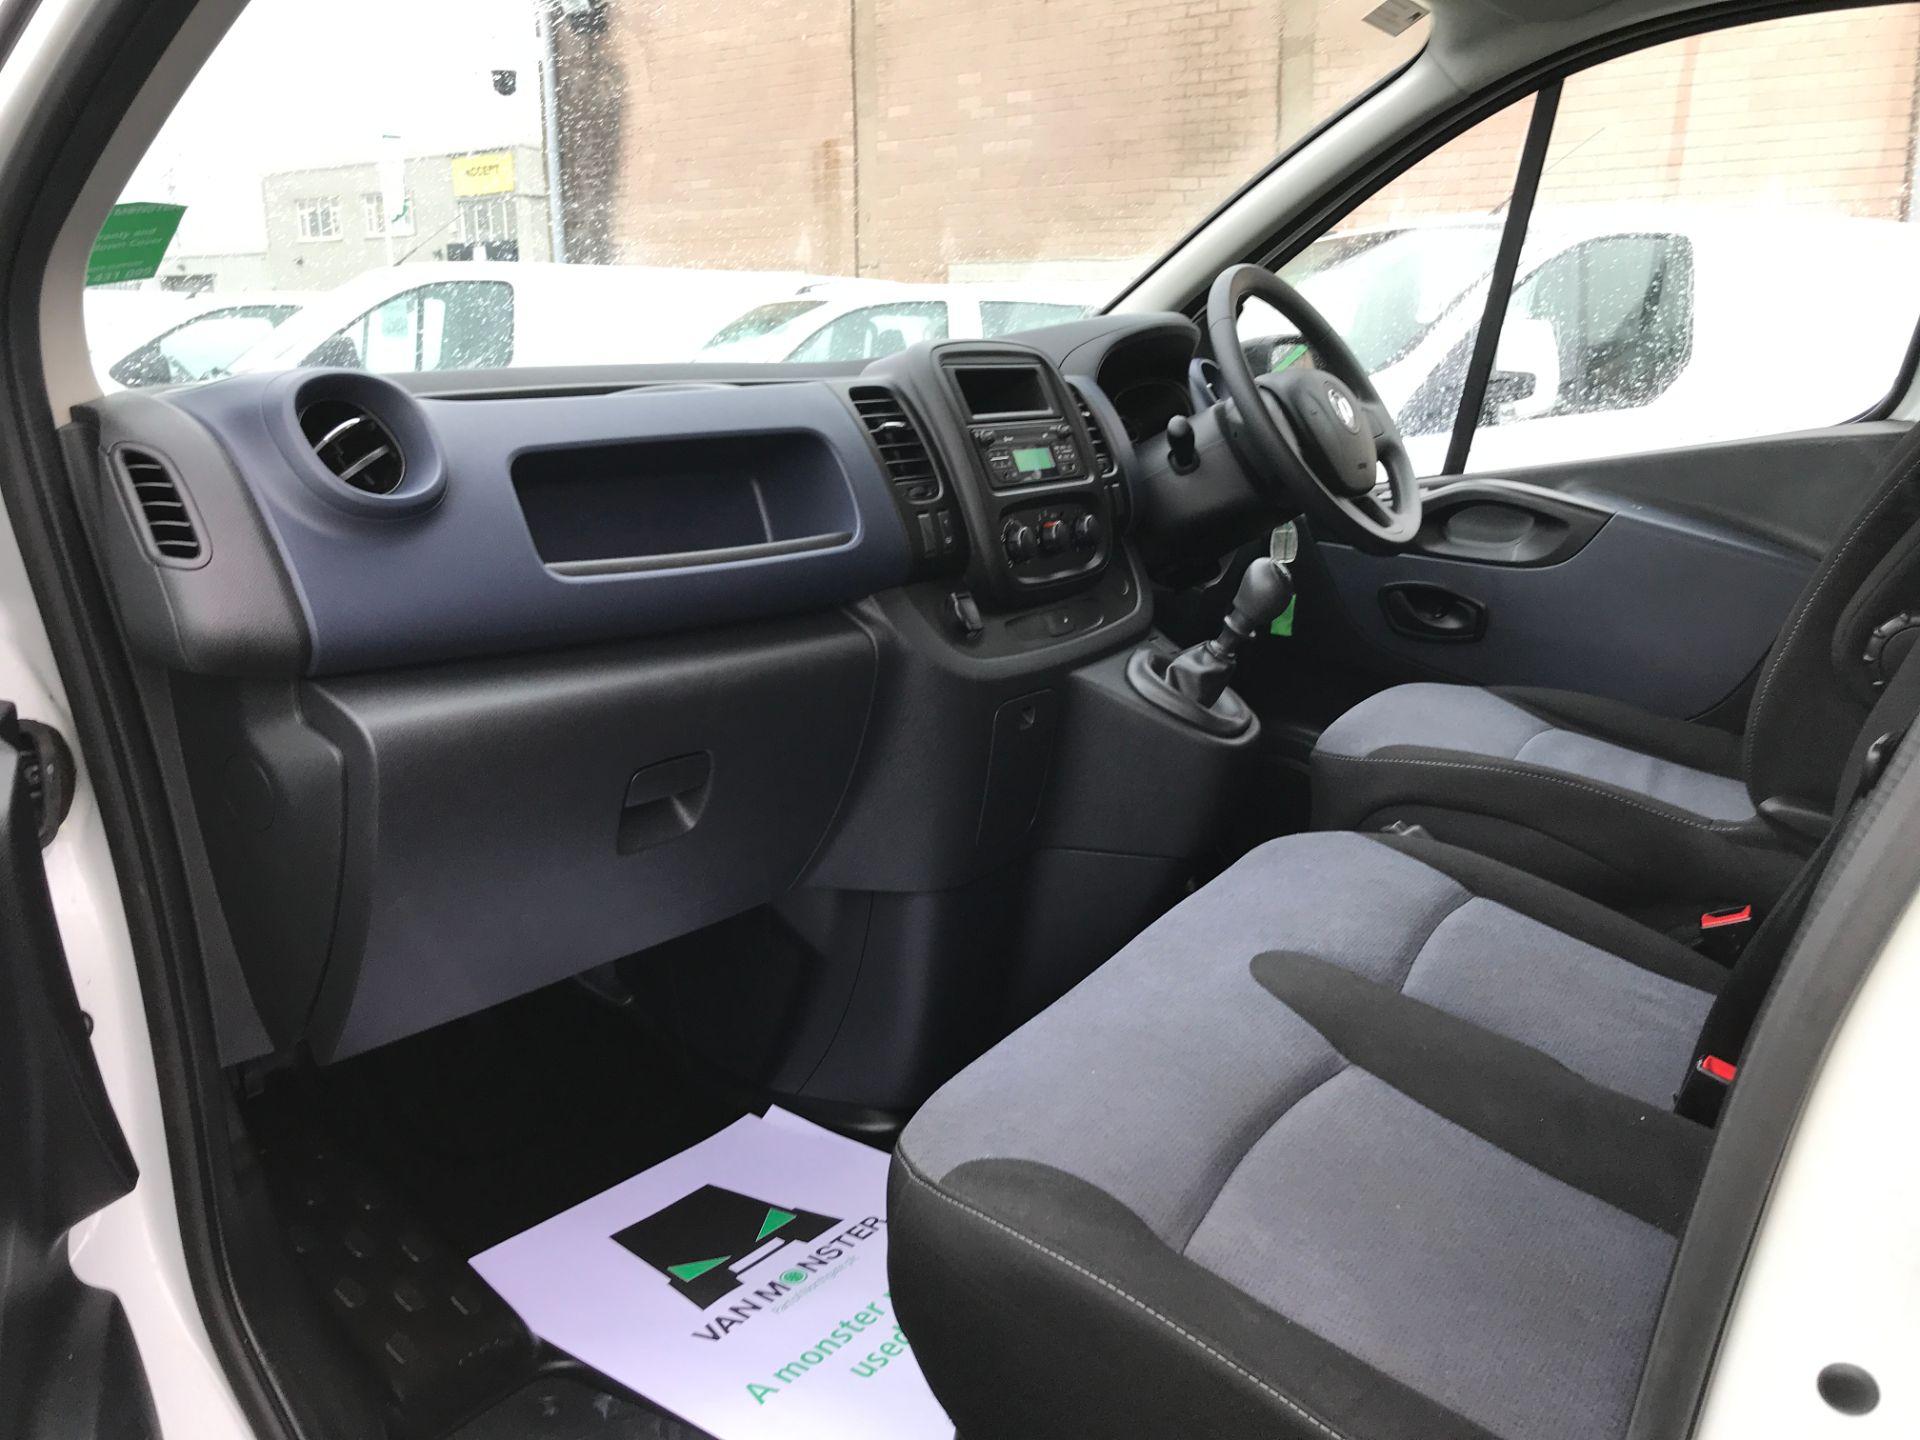 2017 Vauxhall Vivaro 2900 L2 H1 1.6CDTI 120PS EURO 6 (DV67LXB) Image 12